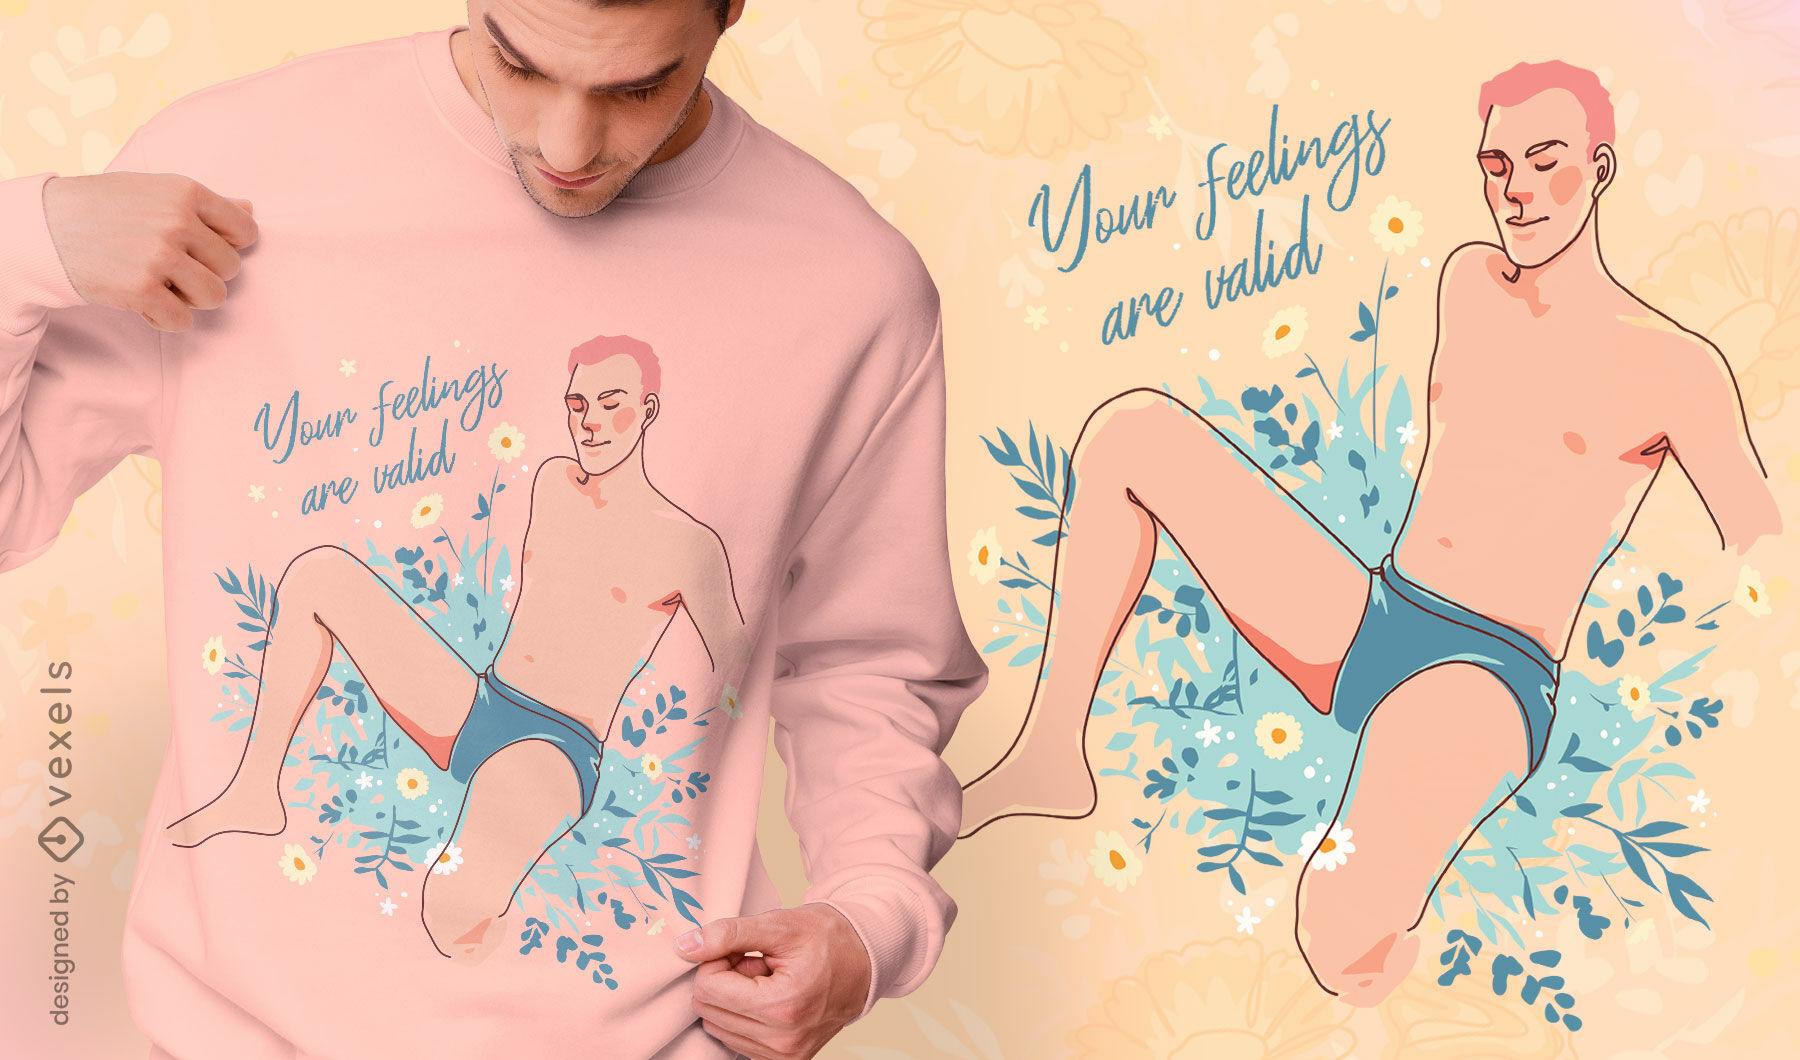 Diseño de camiseta de sentimientos válidos.